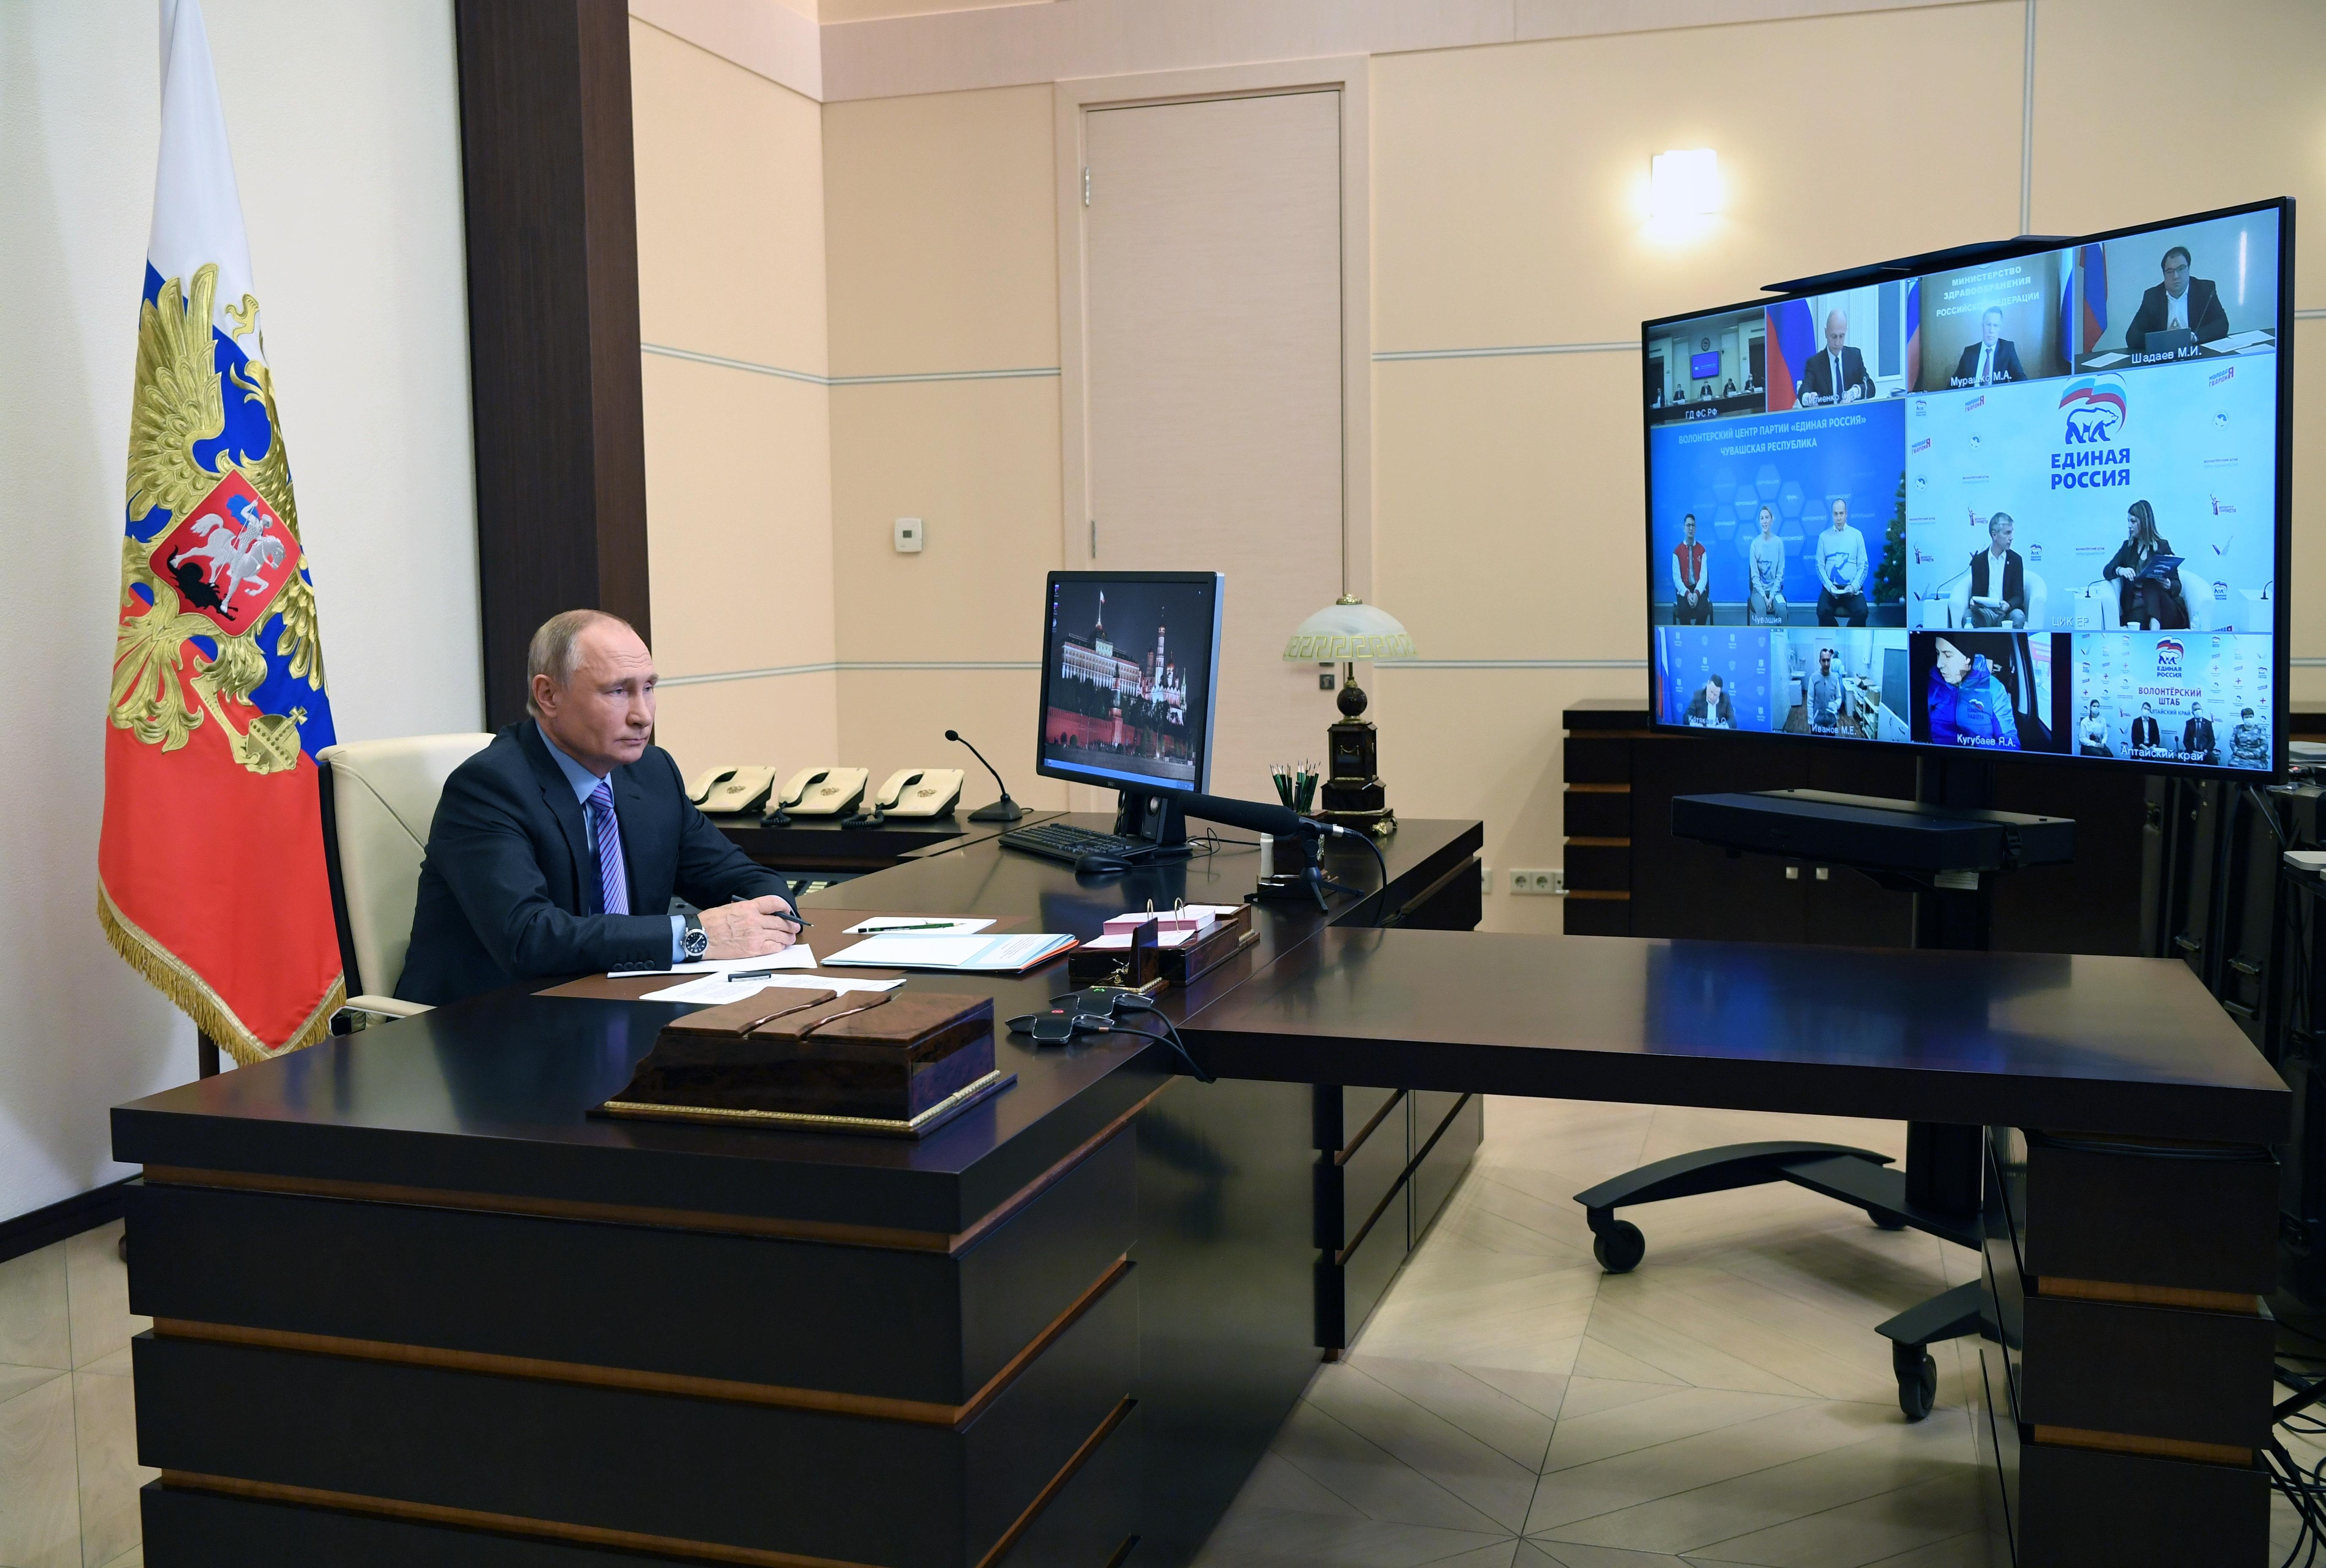 Социальный онлайн-форум «Единой России» 14.12.2020